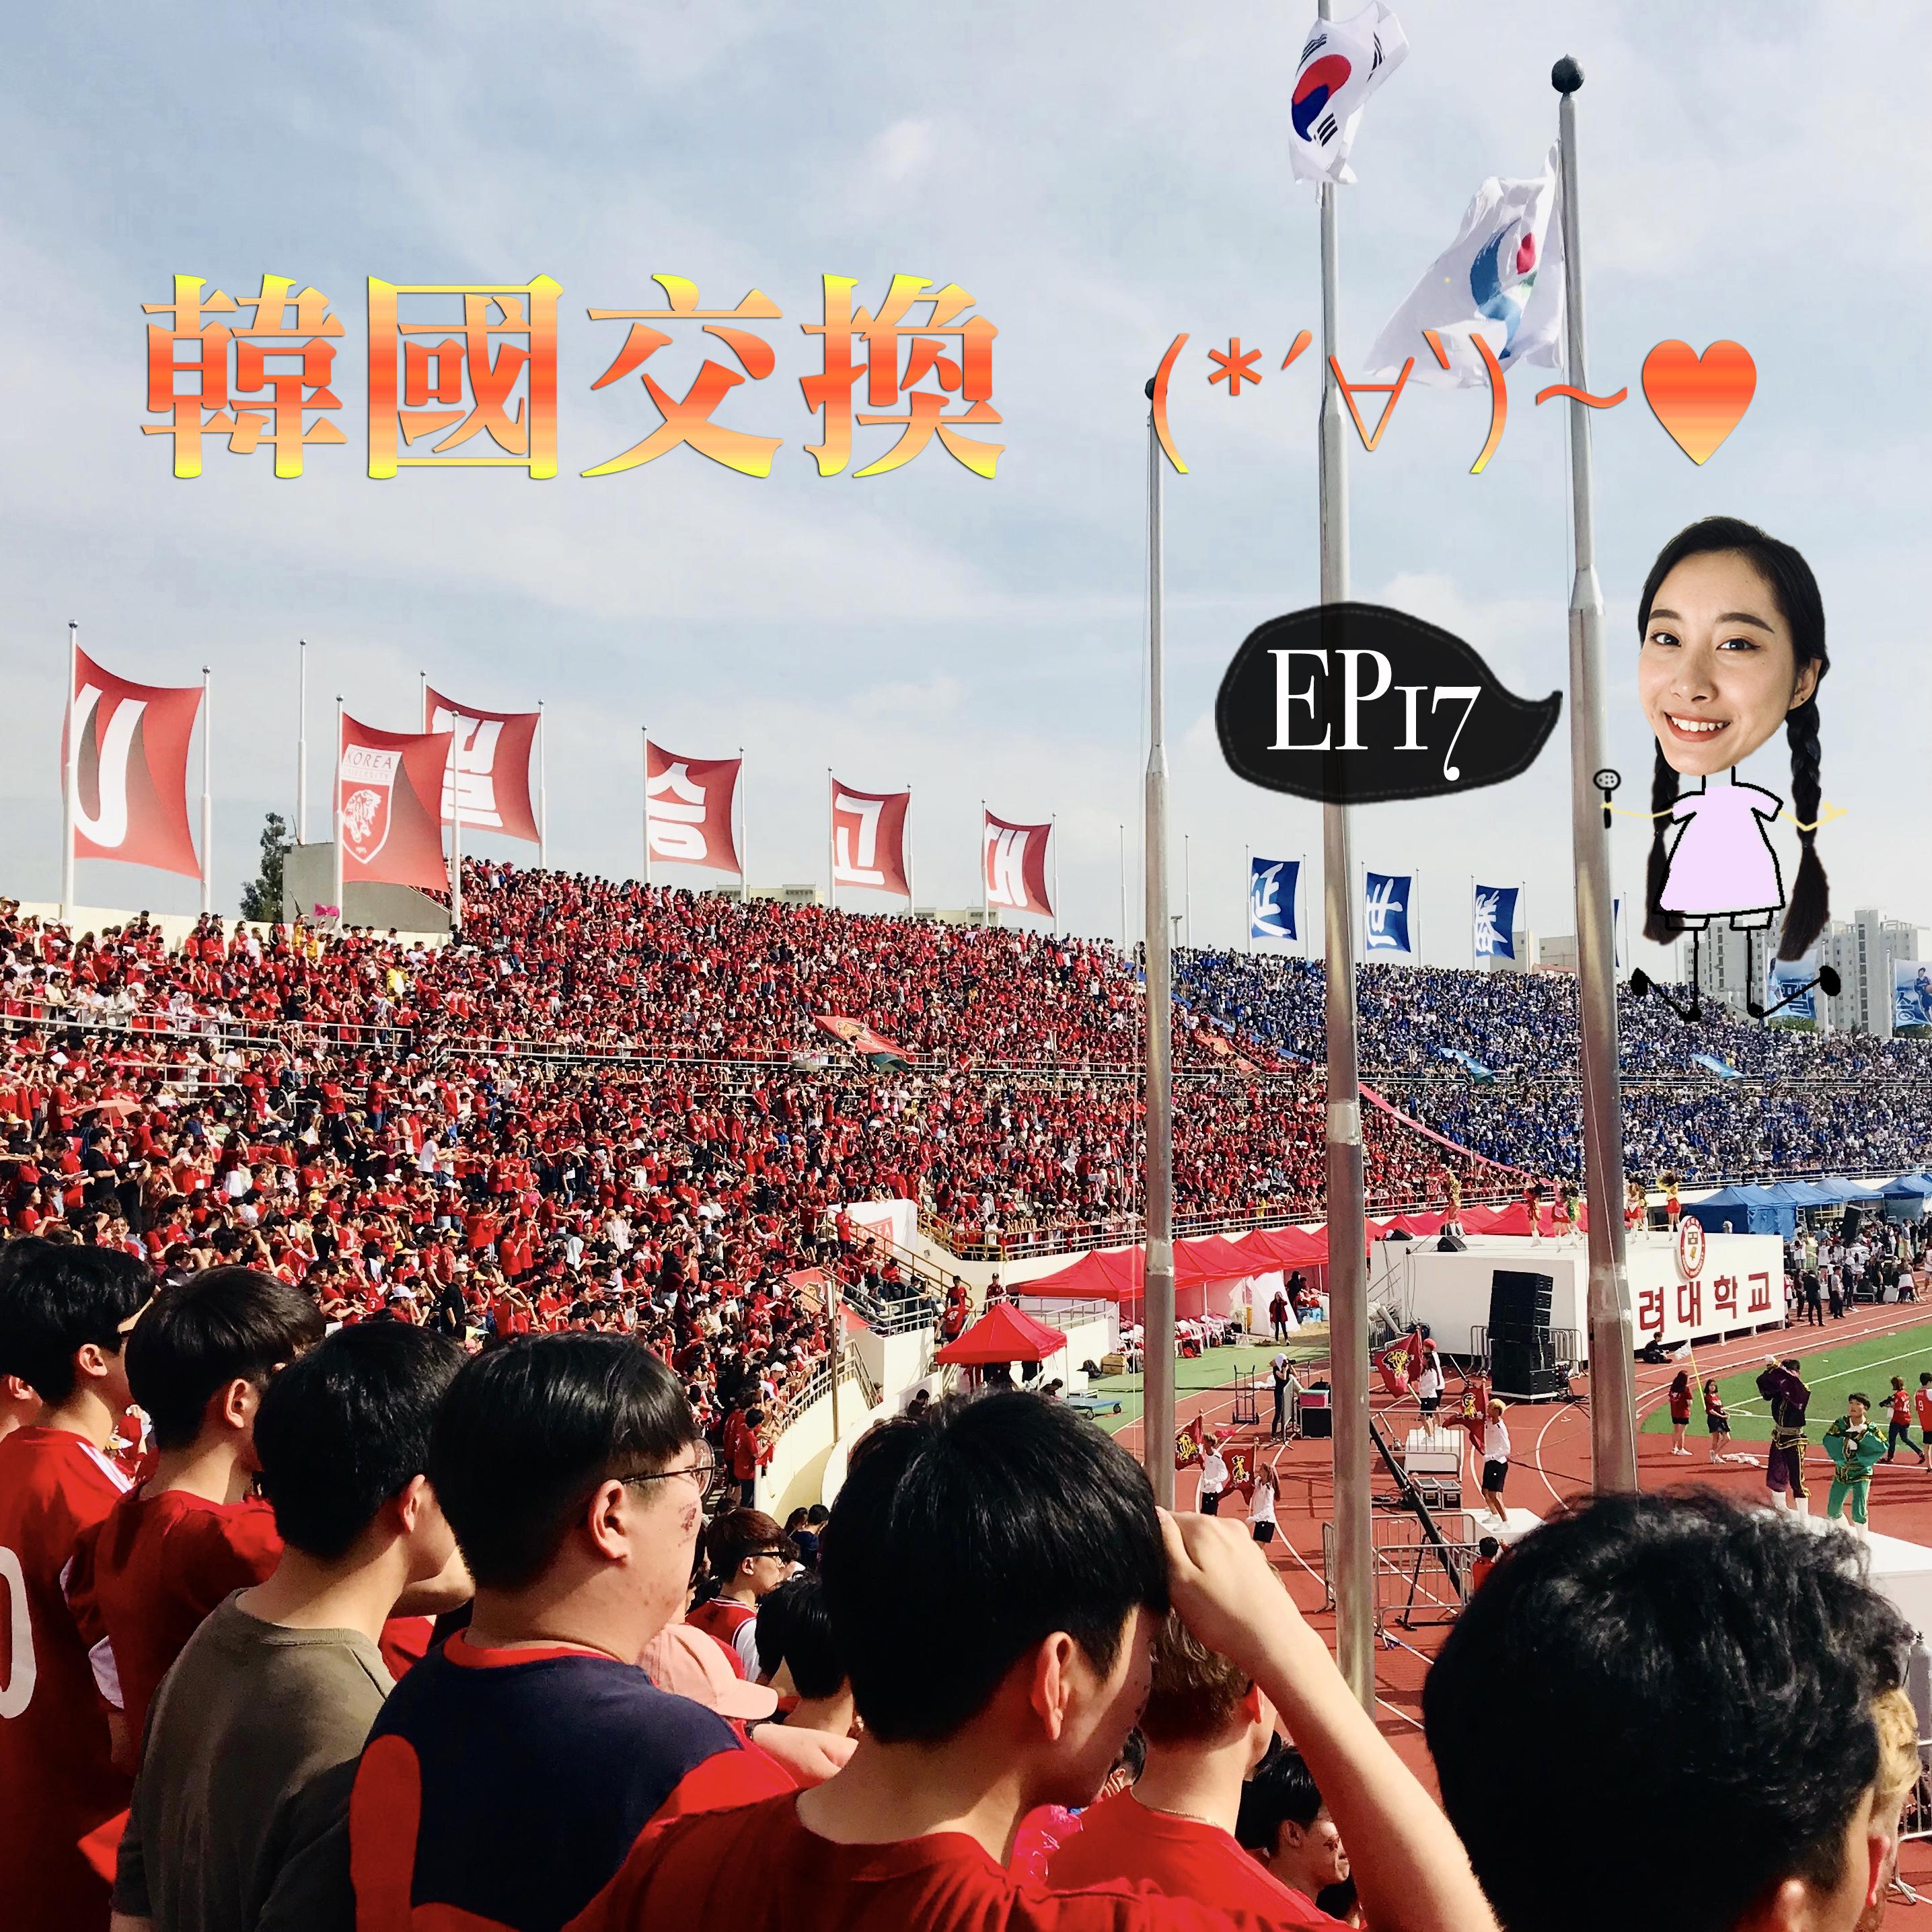 Ep17 海漂系 韓國交換,校際聯賽封街狂歡,整形街,反同文化,速食愛情,地獄考試院